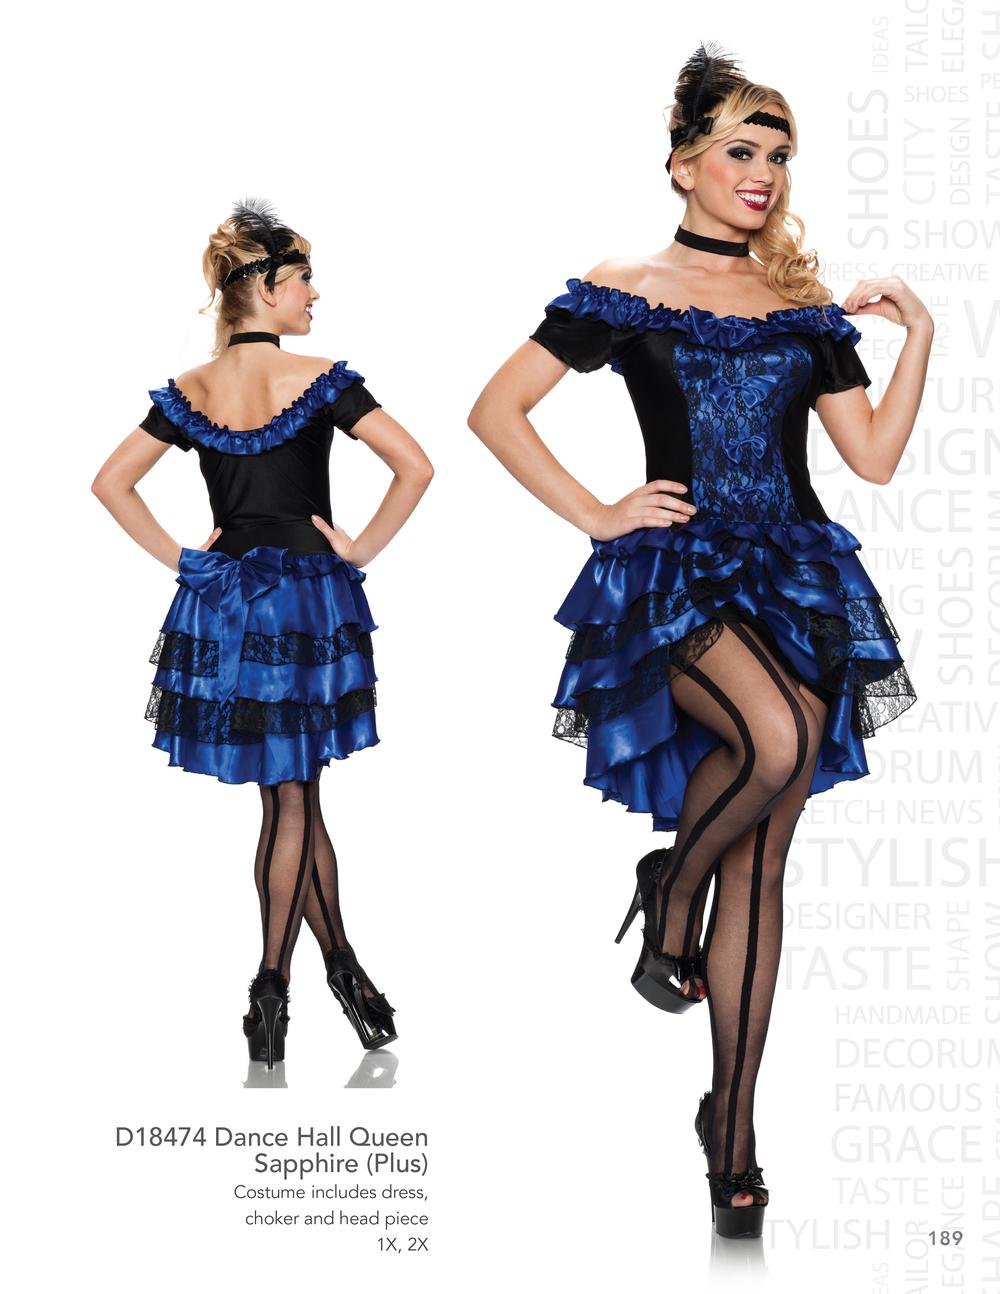 D18474 Dance Hall Queen - Sapphire